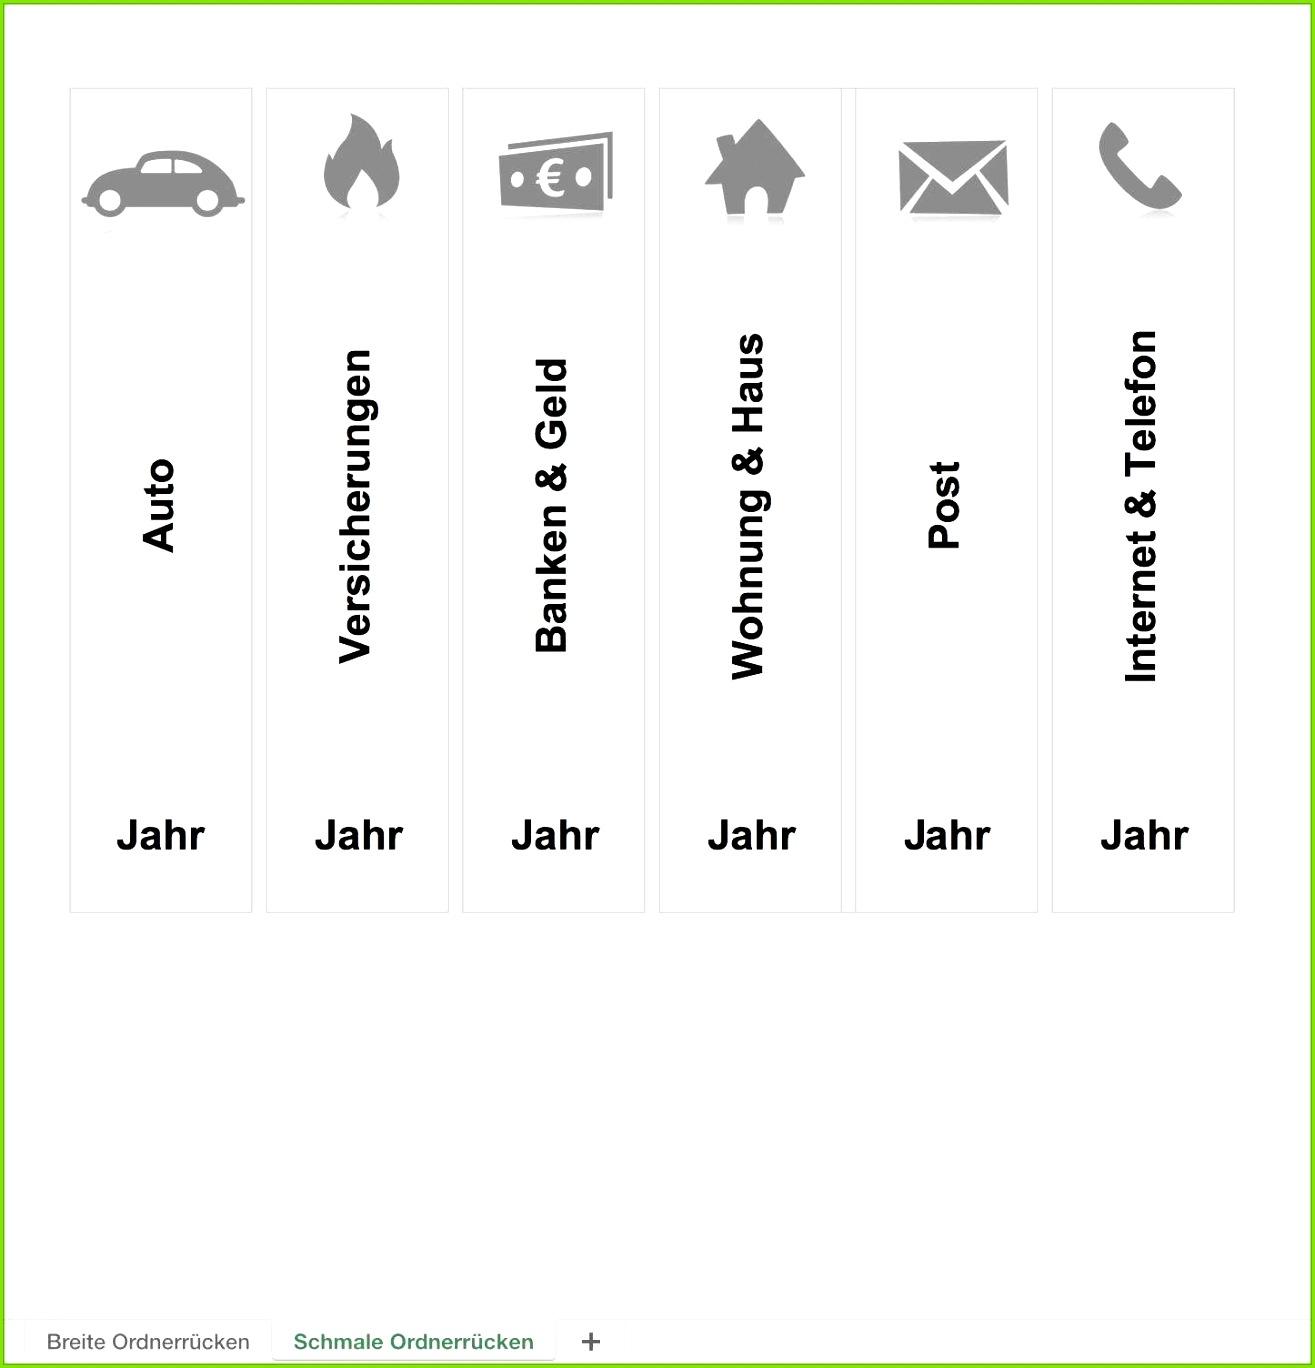 limitierte auflage avery zweckform ordnerrucken vorlage word von avery ordnerrucken vorlage